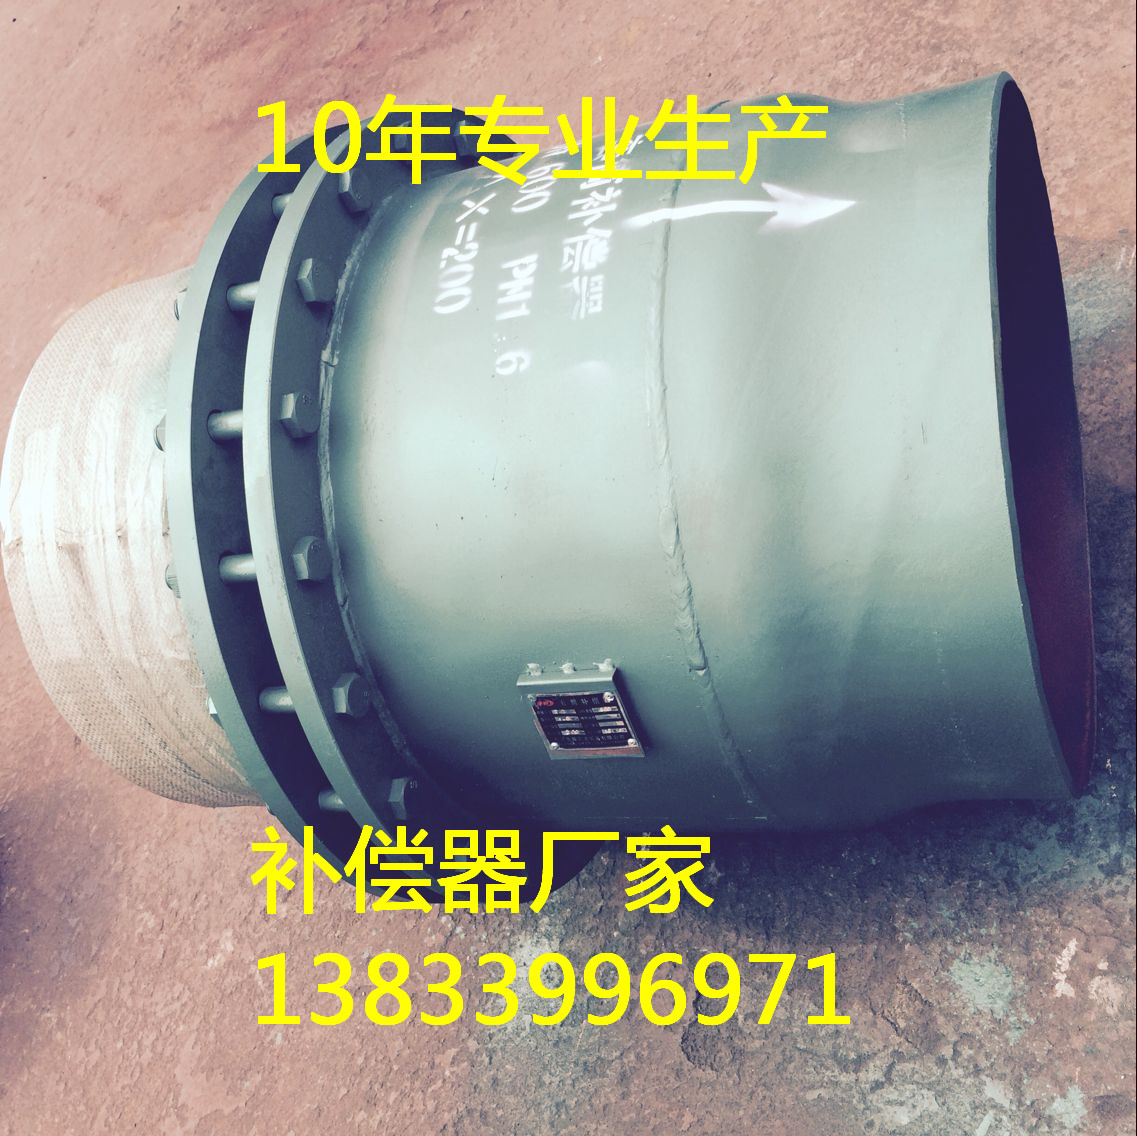 大拉杆补偿器DN500 旋转补偿器 小拉杆补偿器 大拉杆补偿器作用  河北厂家 10年专业生产